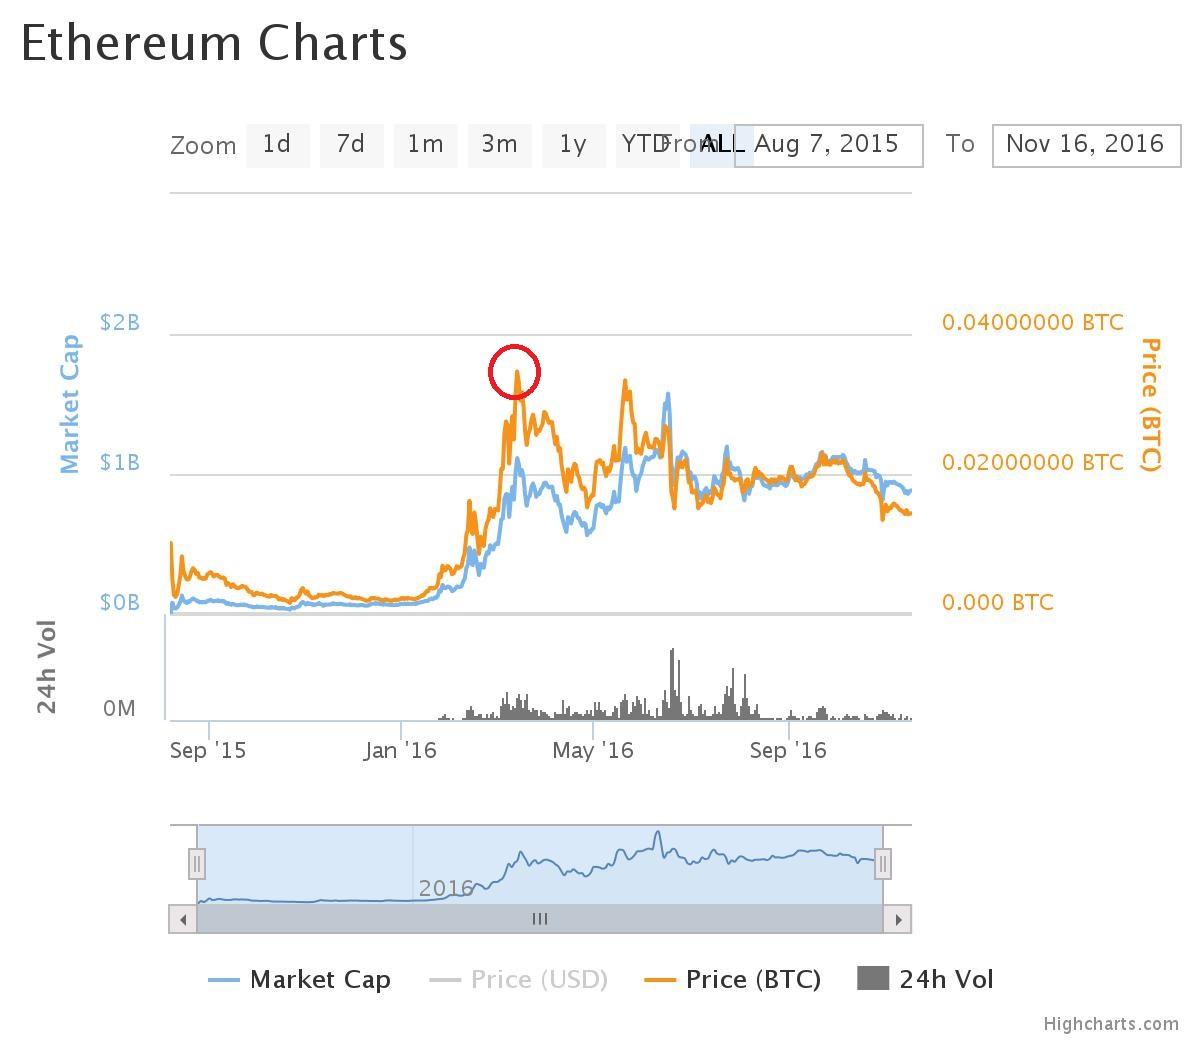 """Agli inizi della sua """"carriera"""" Ether, la valuta del gruppo Ethereum, è passata da un valore iniziale di 0,005 BTC a uno finale di 0,035 BTC (cerchio rosso), con un aumento del 600% in 7 mesi!"""